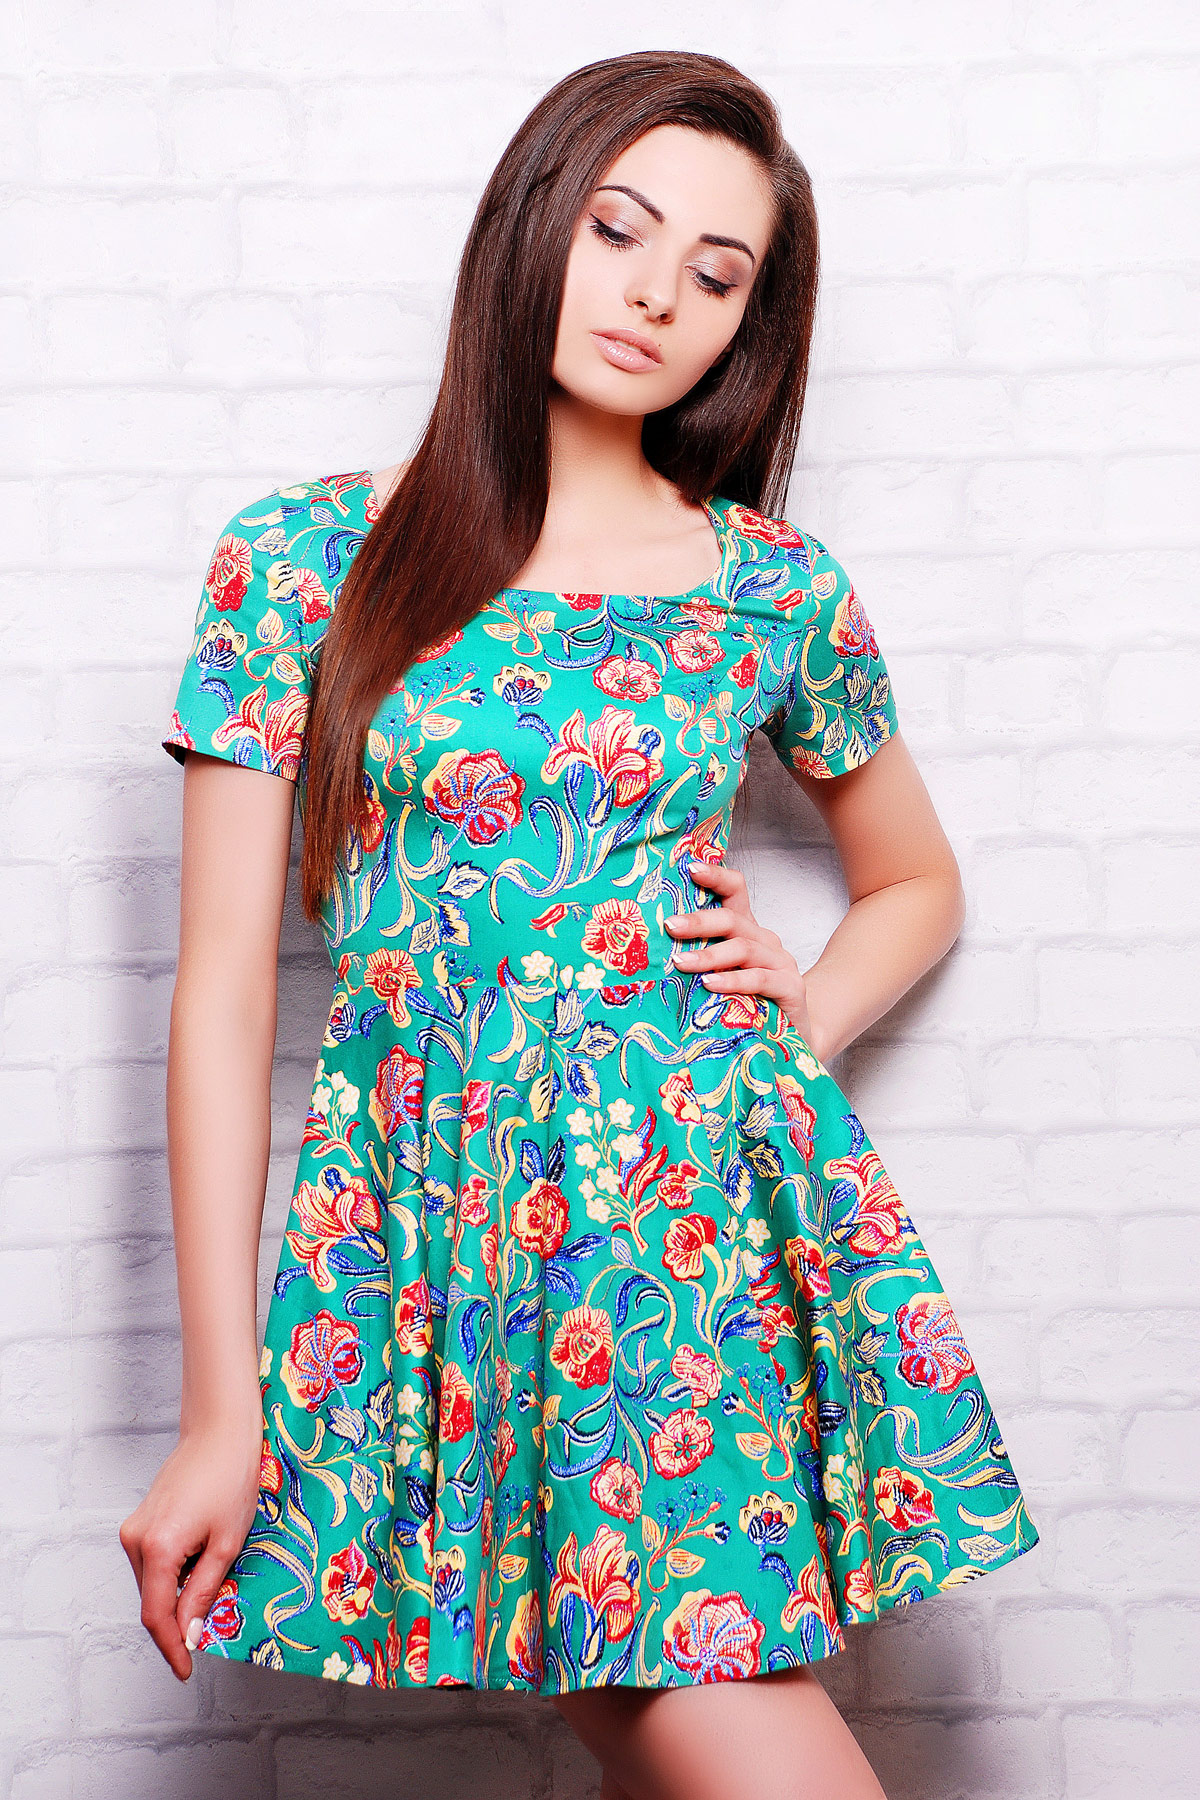 965cc43f59f зеленое платье с цветами. платье Милава2 к р. Цвет  зеленый-цветы